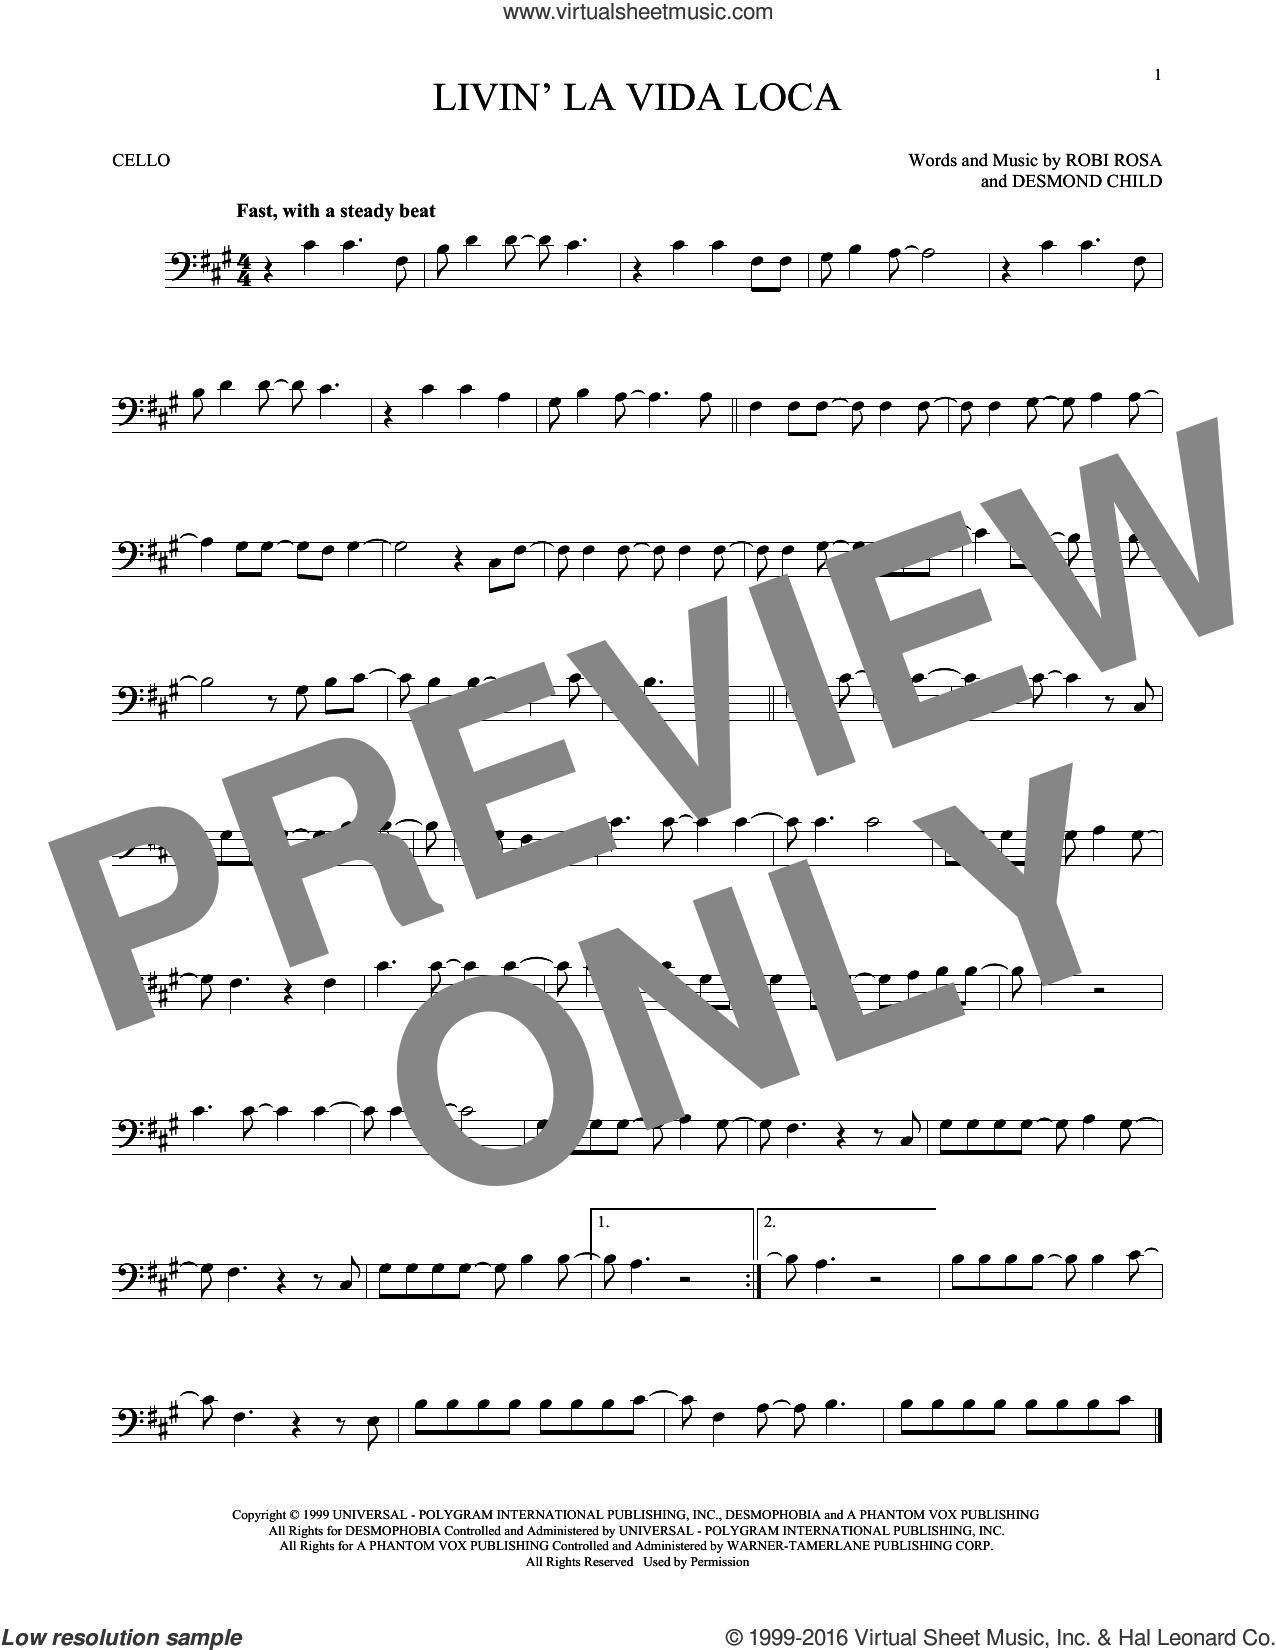 Livin' La Vida Loca sheet music for cello solo by Ricky Martin, Desmond Child and Robi Rosa, intermediate skill level